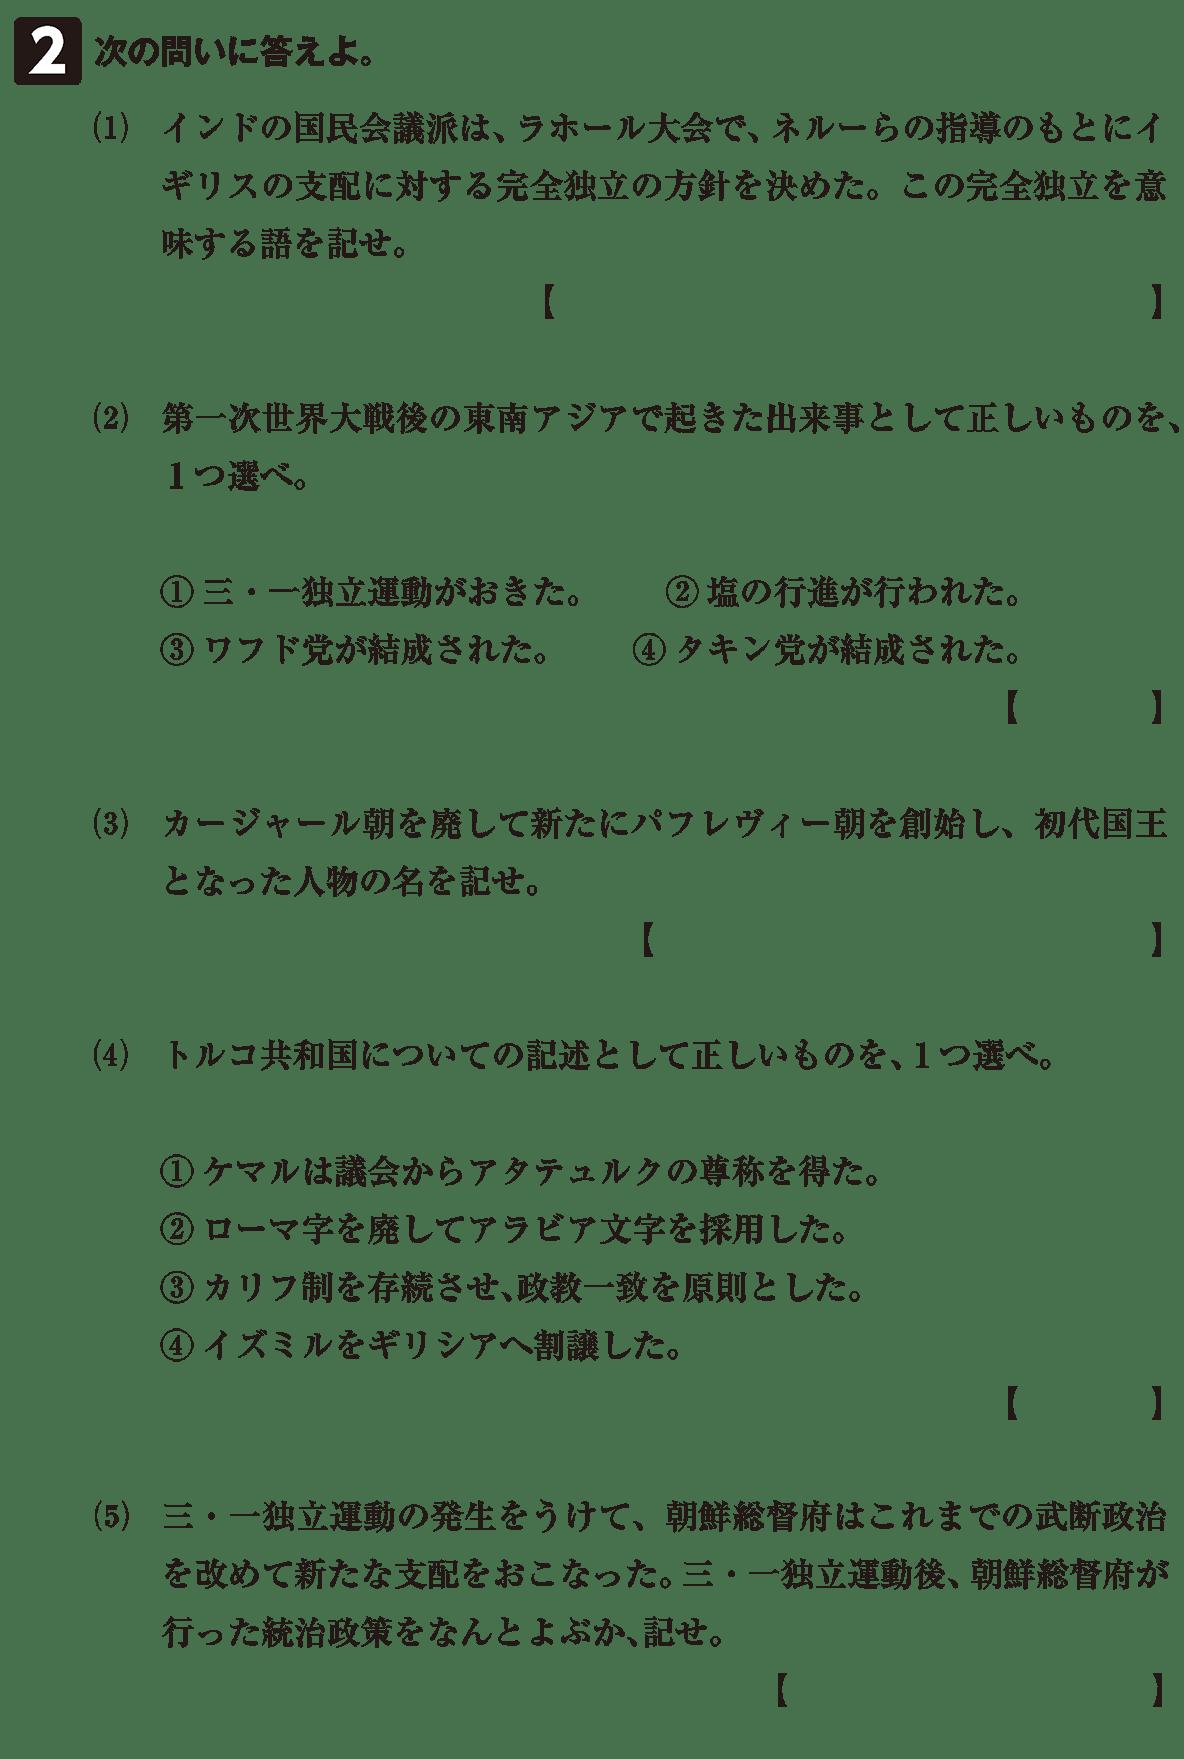 戦間期のアジア諸地域8 確認テスト(後半)